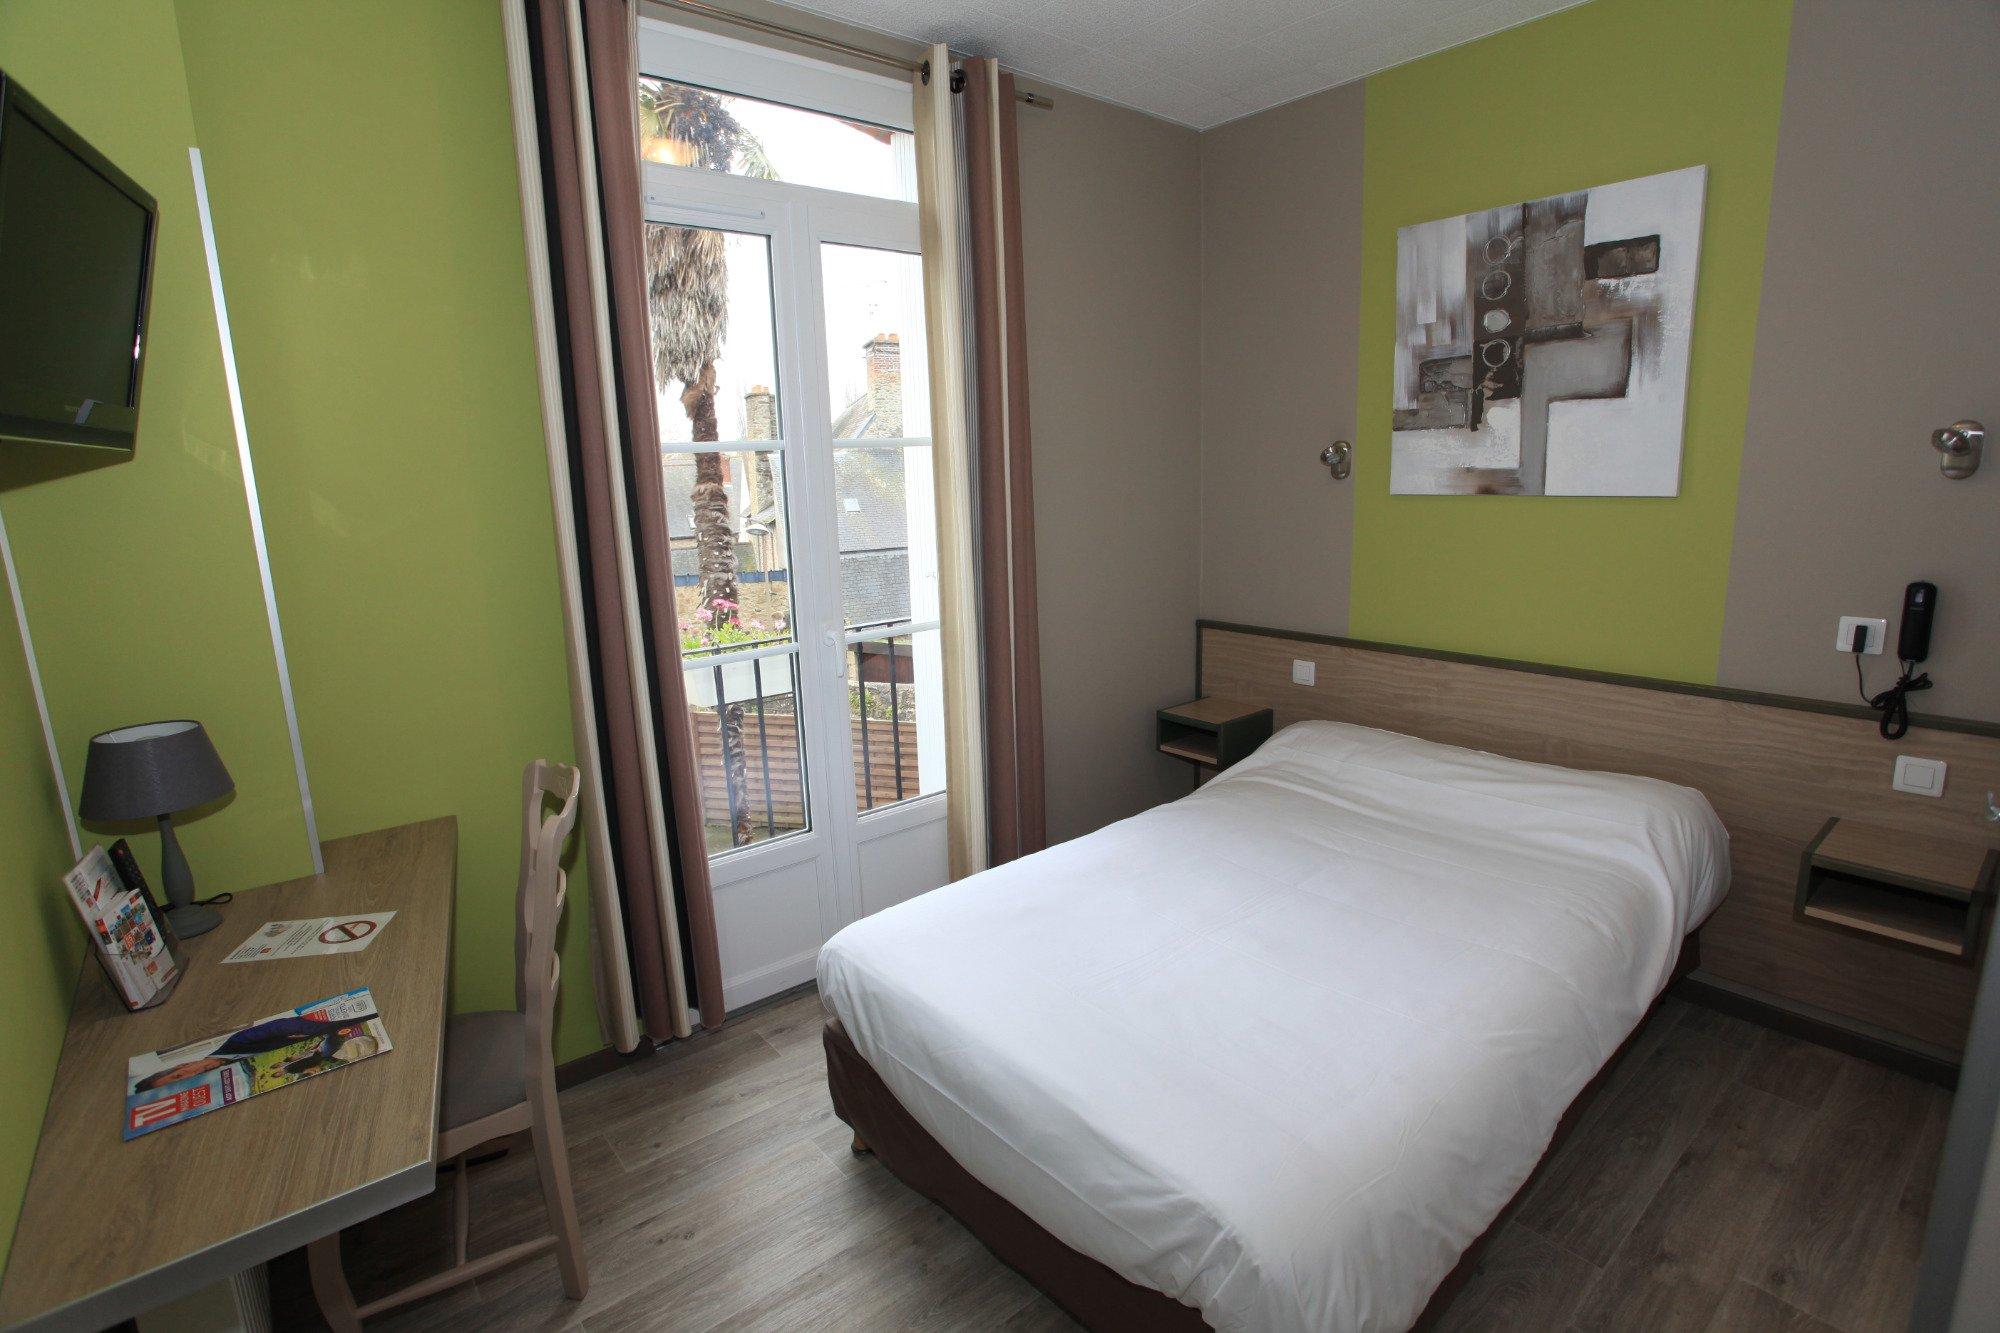 ホテル ル リオン ドール